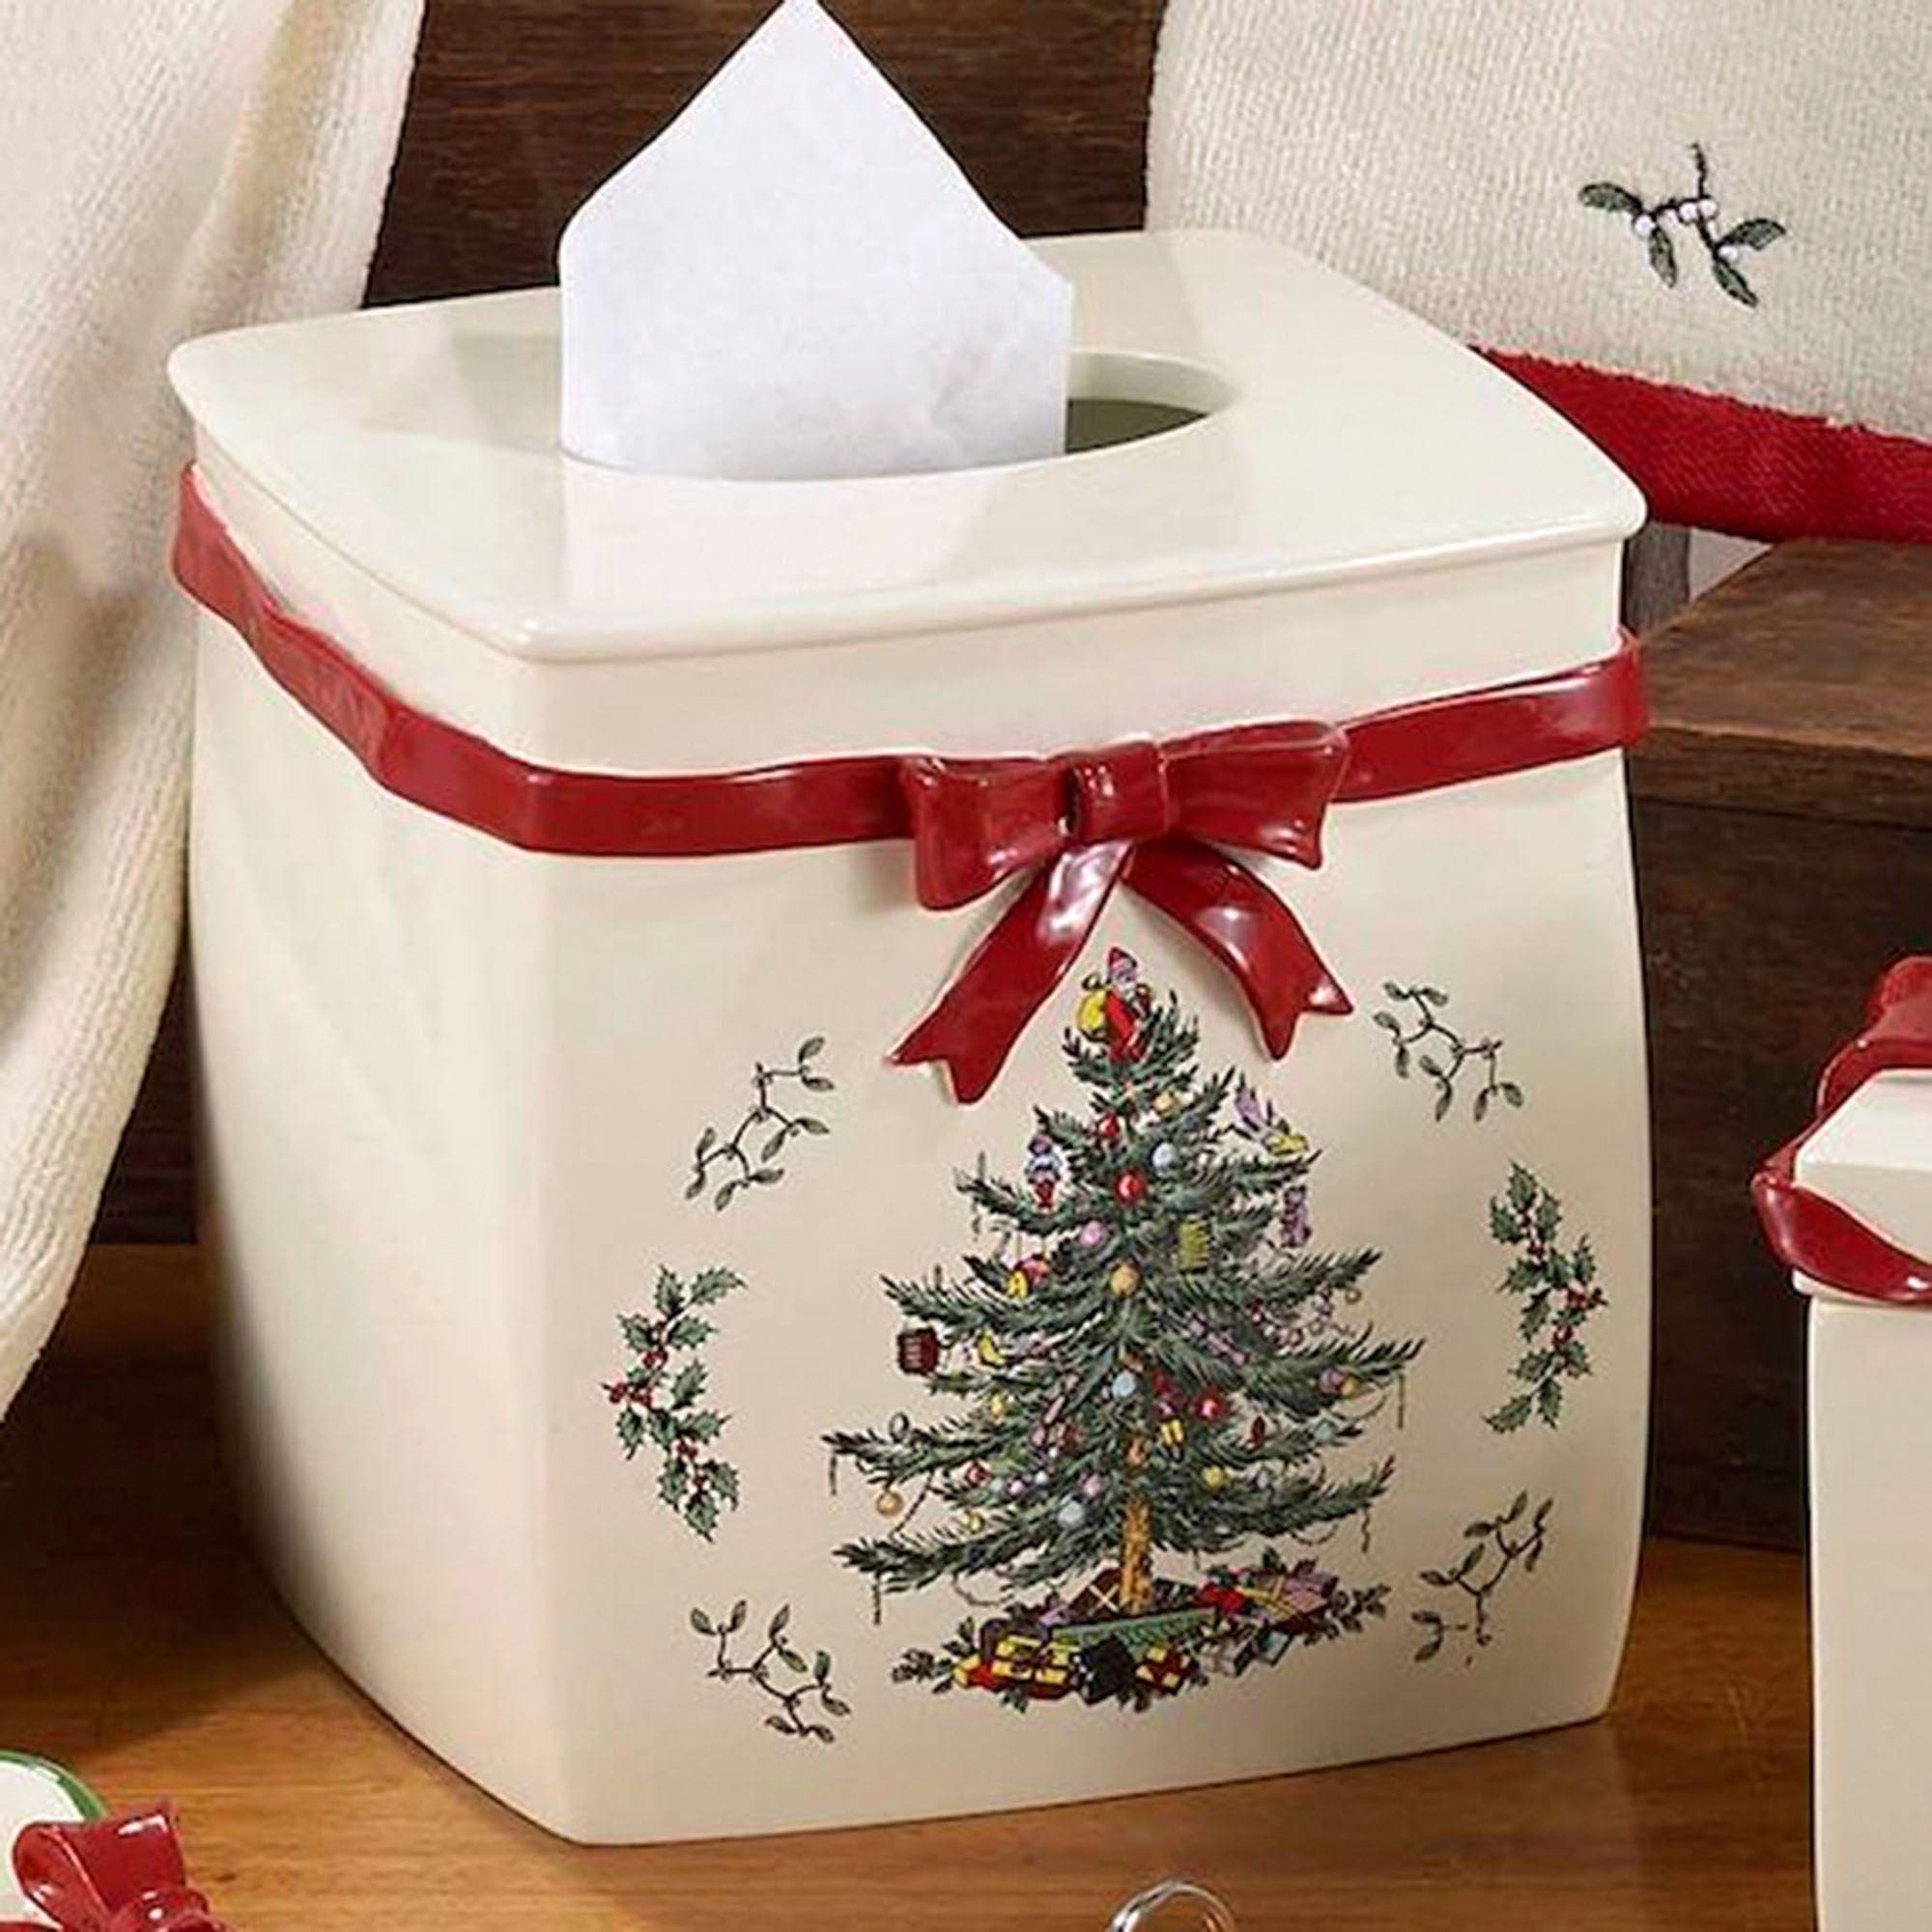 Spode Christmas Tissue Cover Light Cream